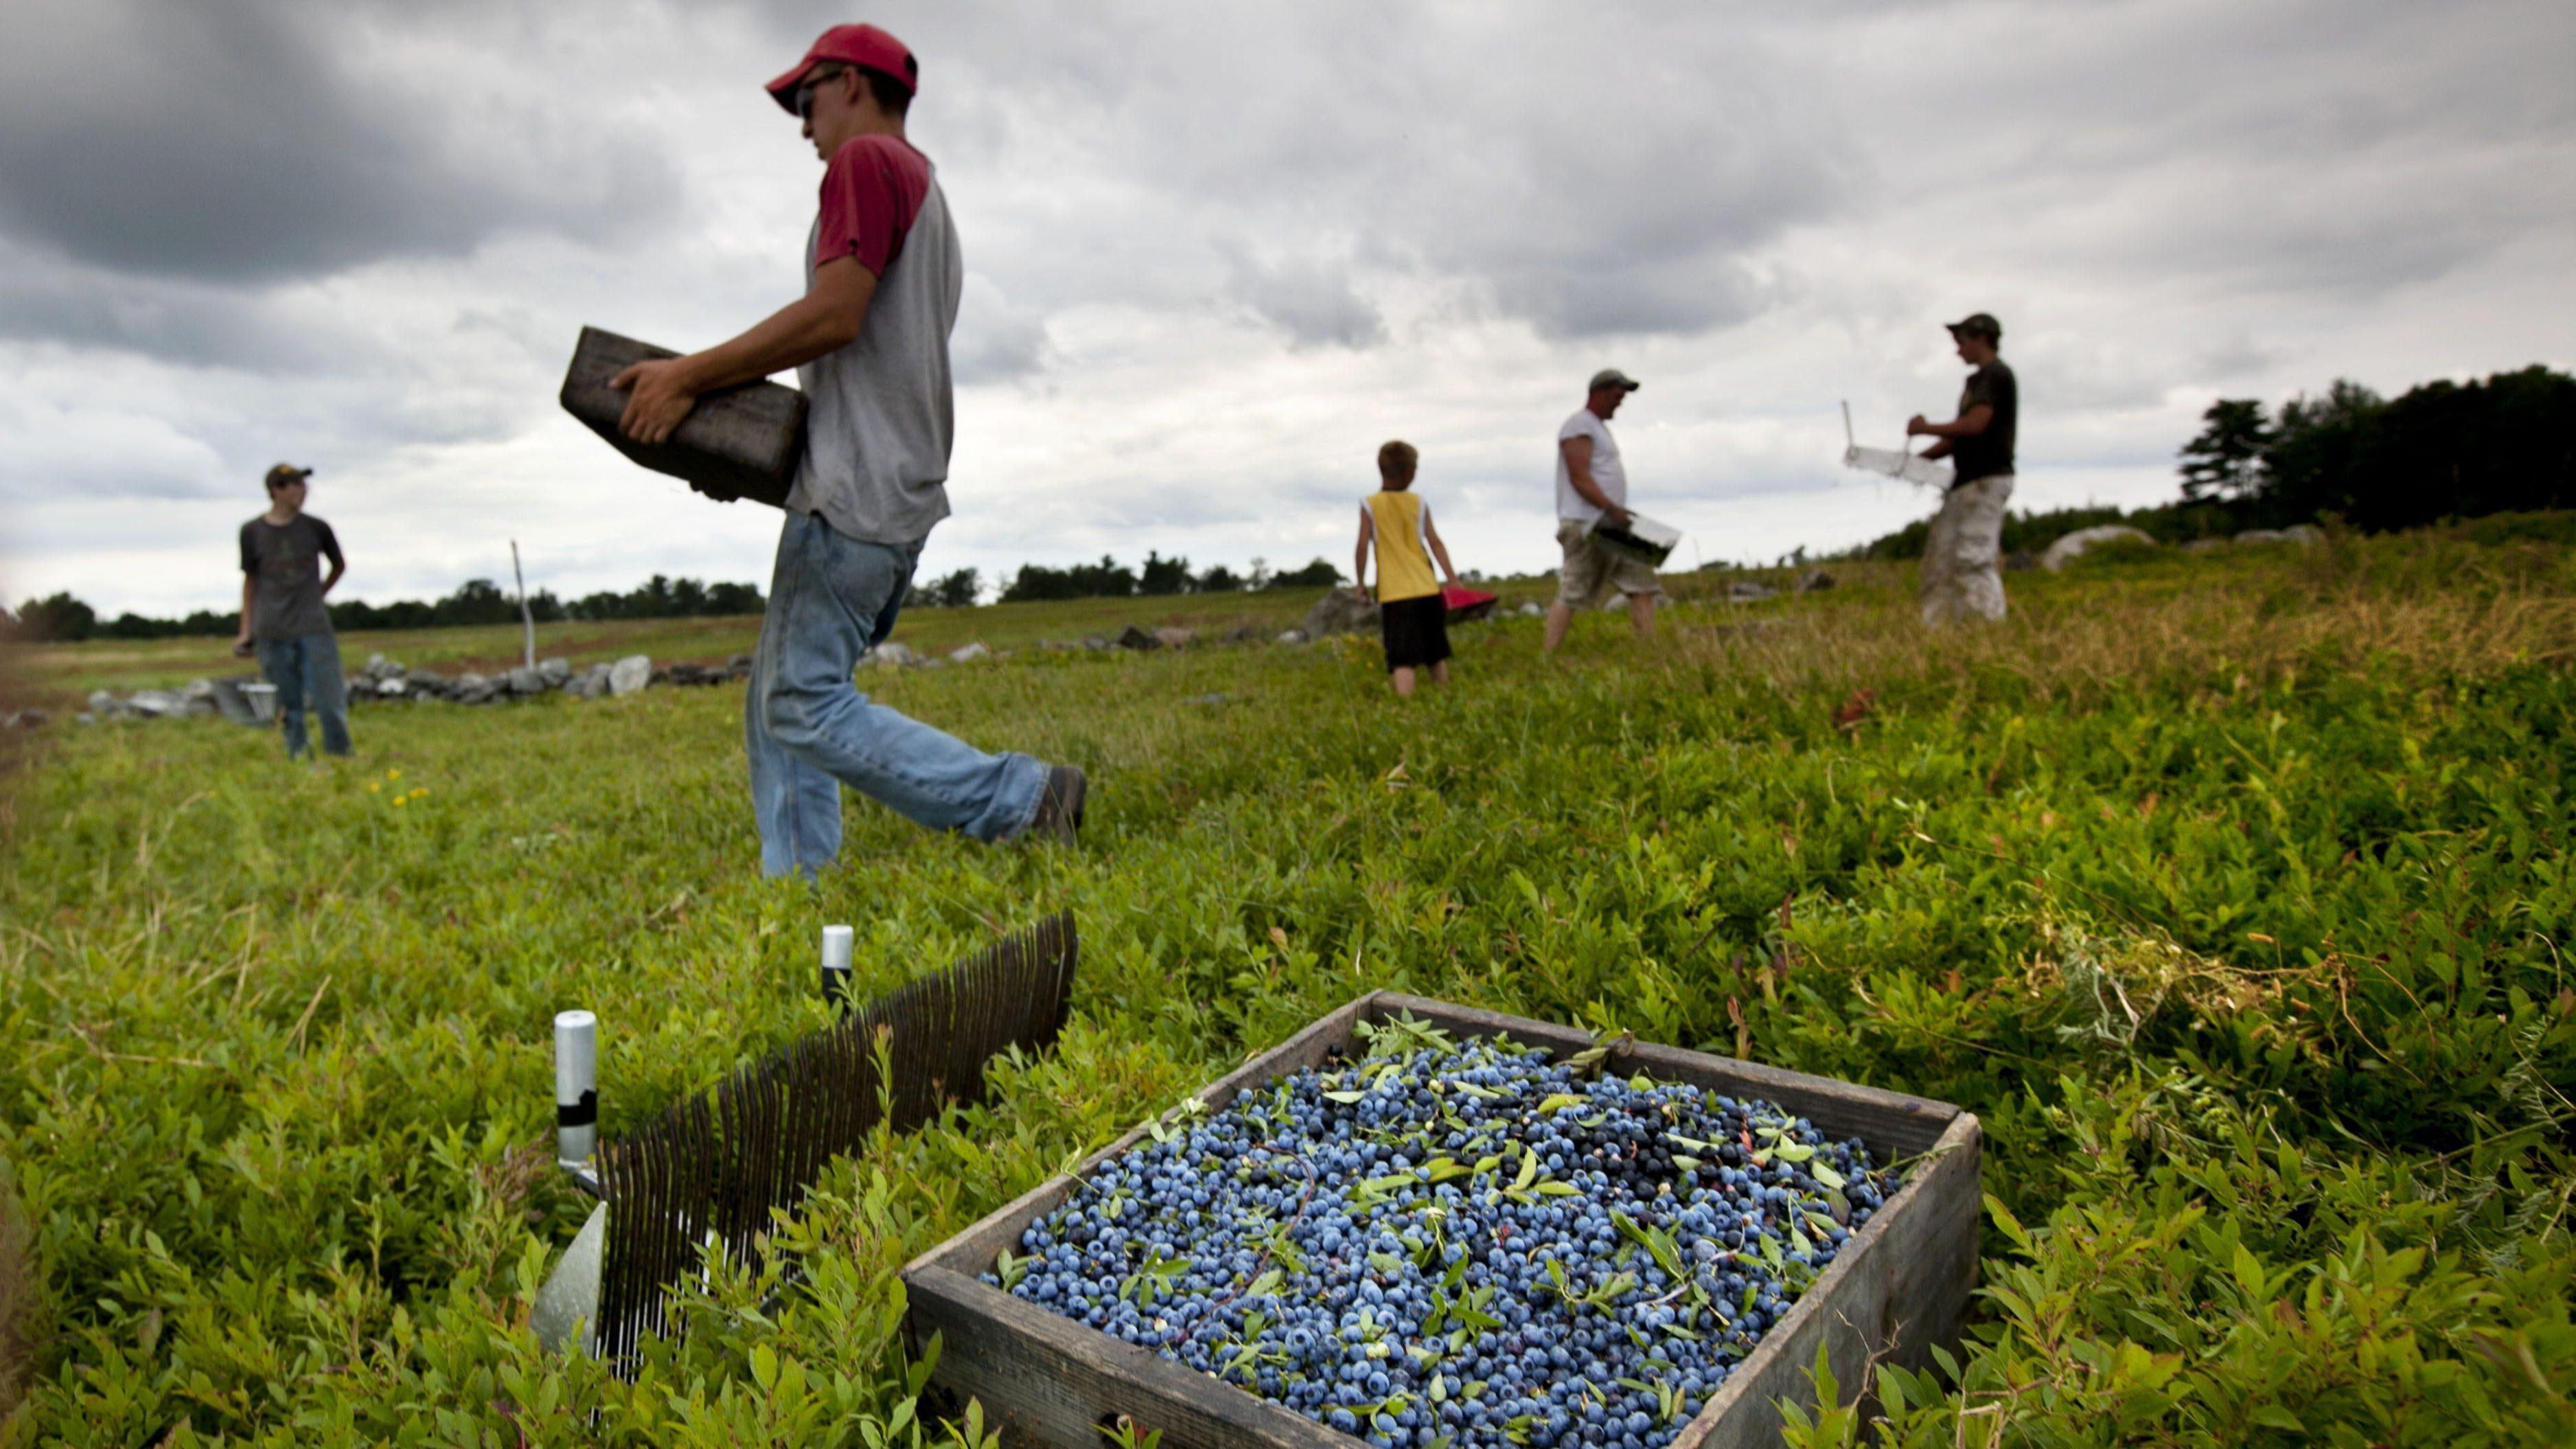 APTOPIX Wild Blueberries